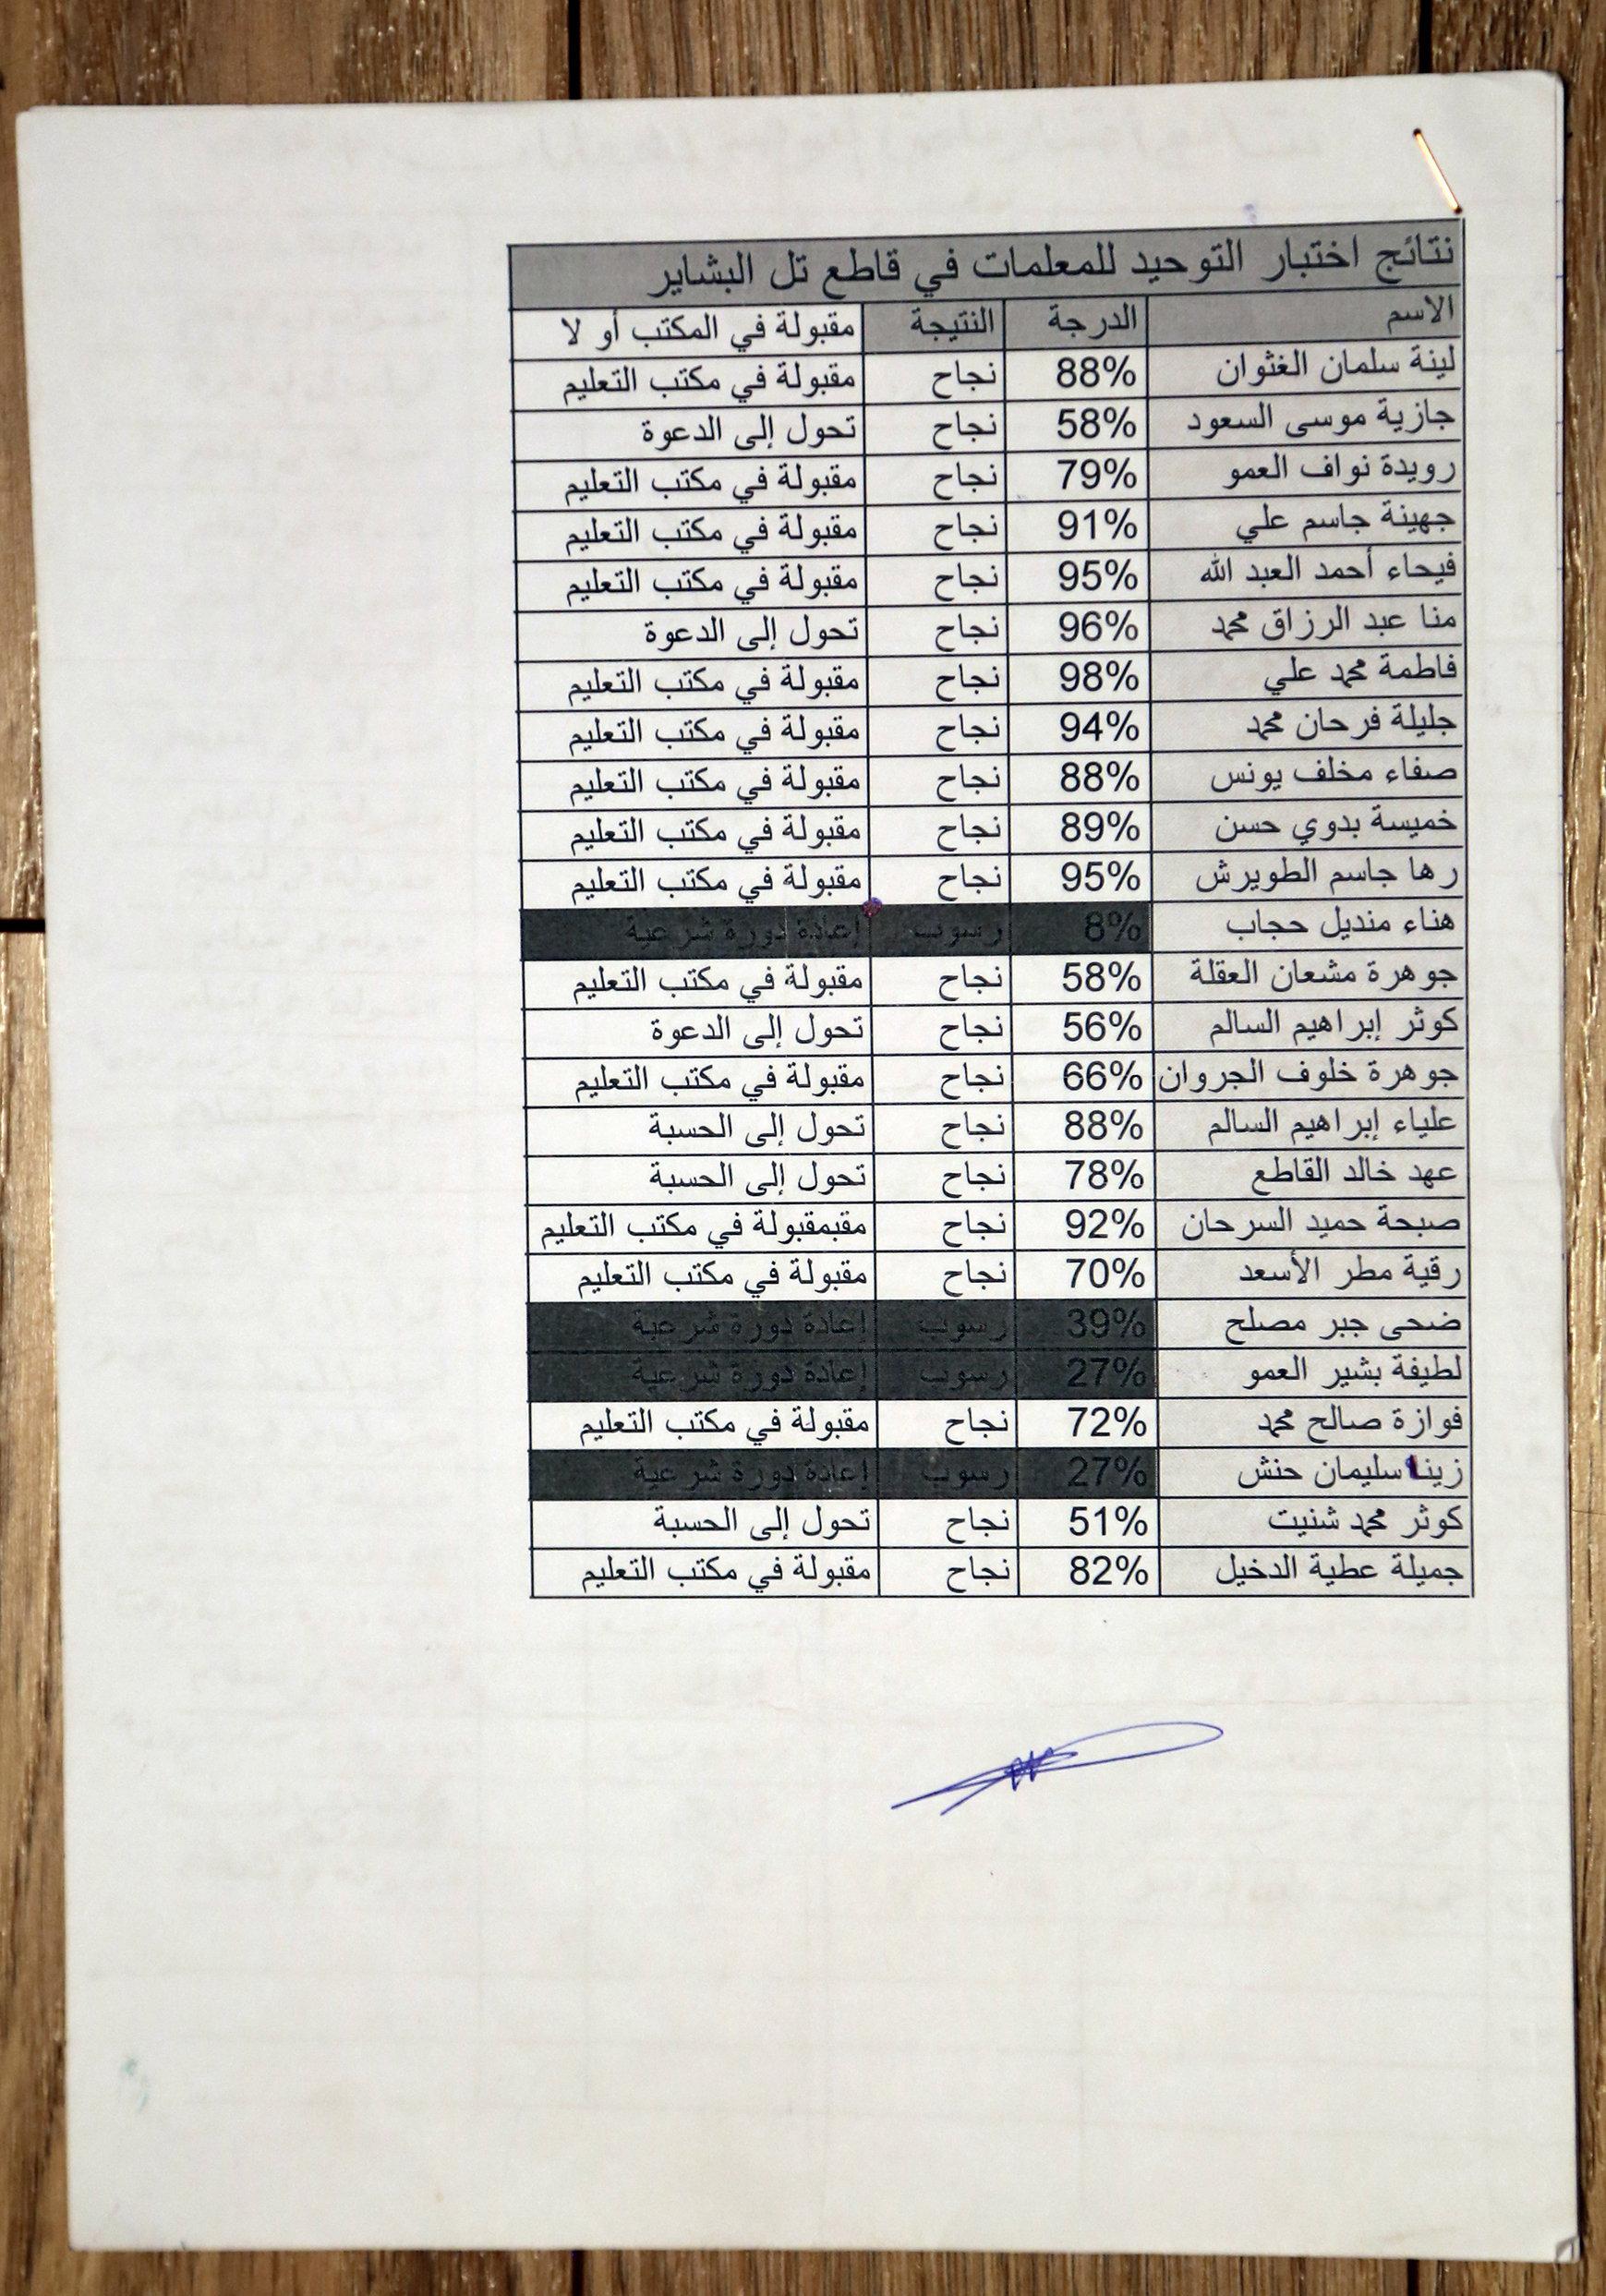 記者獲得了中小學教師的考試資料。武裝分子檢驗教師們掌握伊斯蘭教法以及稱職的程度,是否可以教孩子。